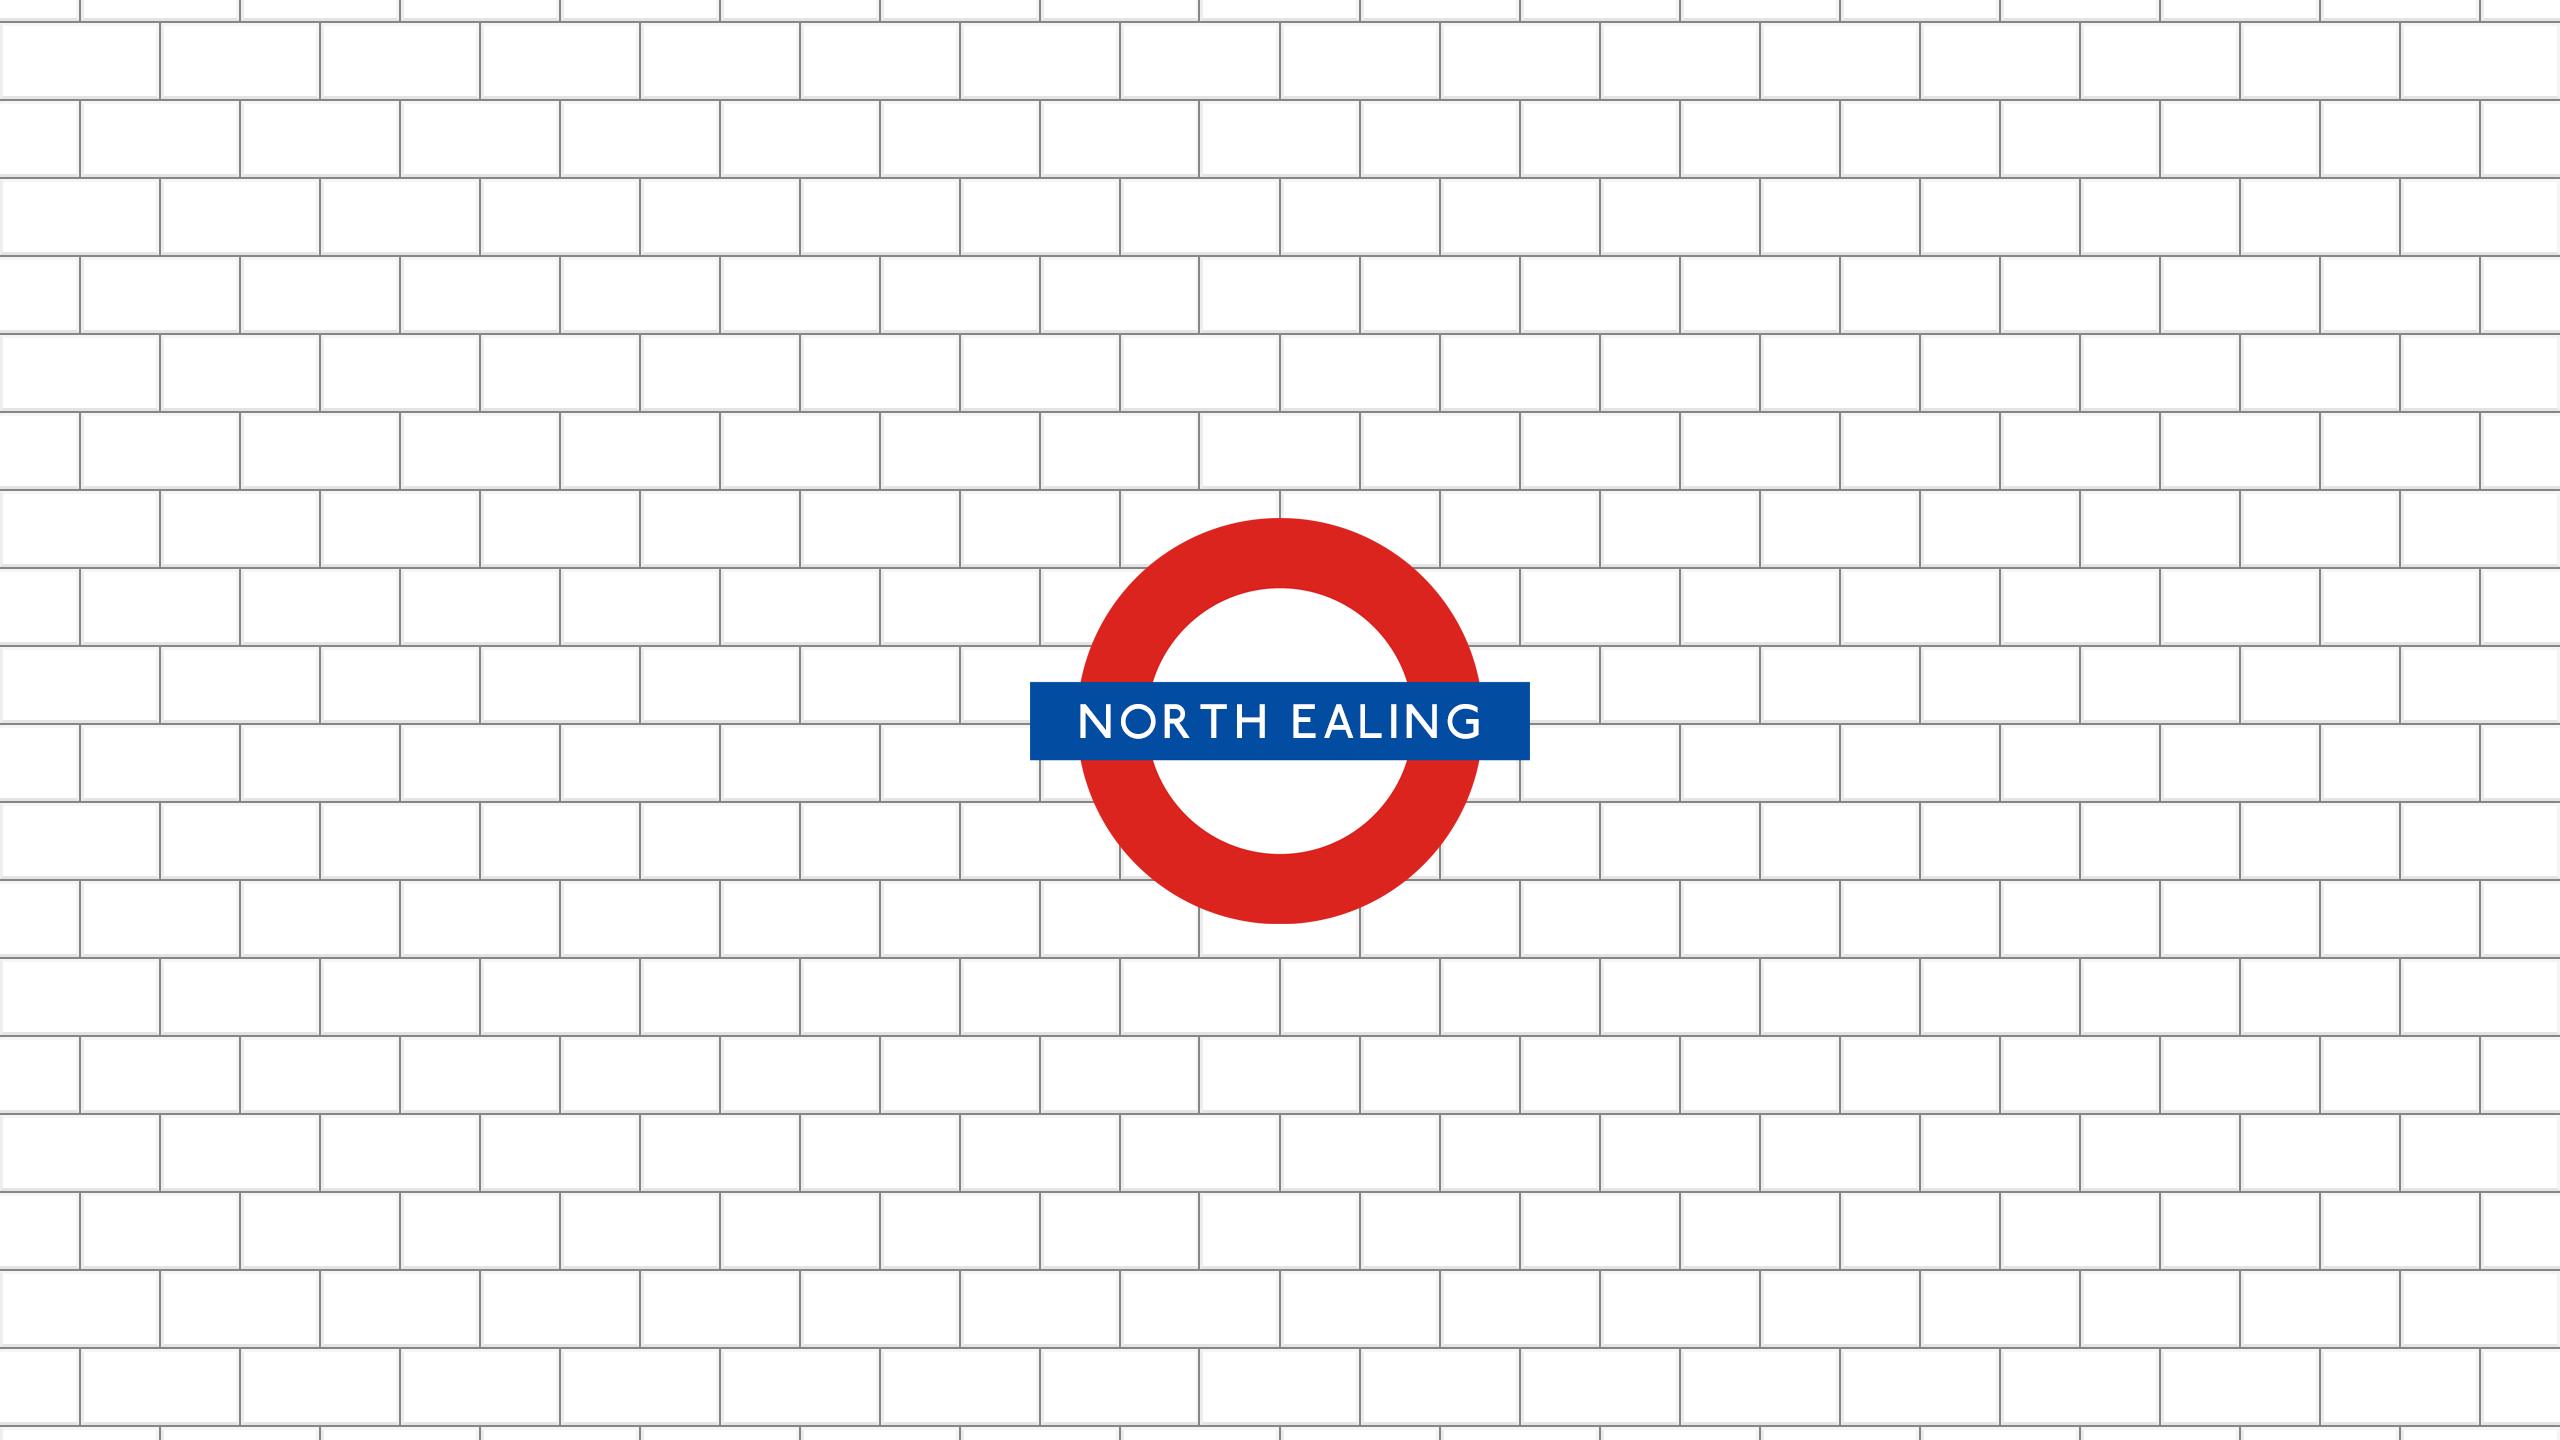 North Ealing